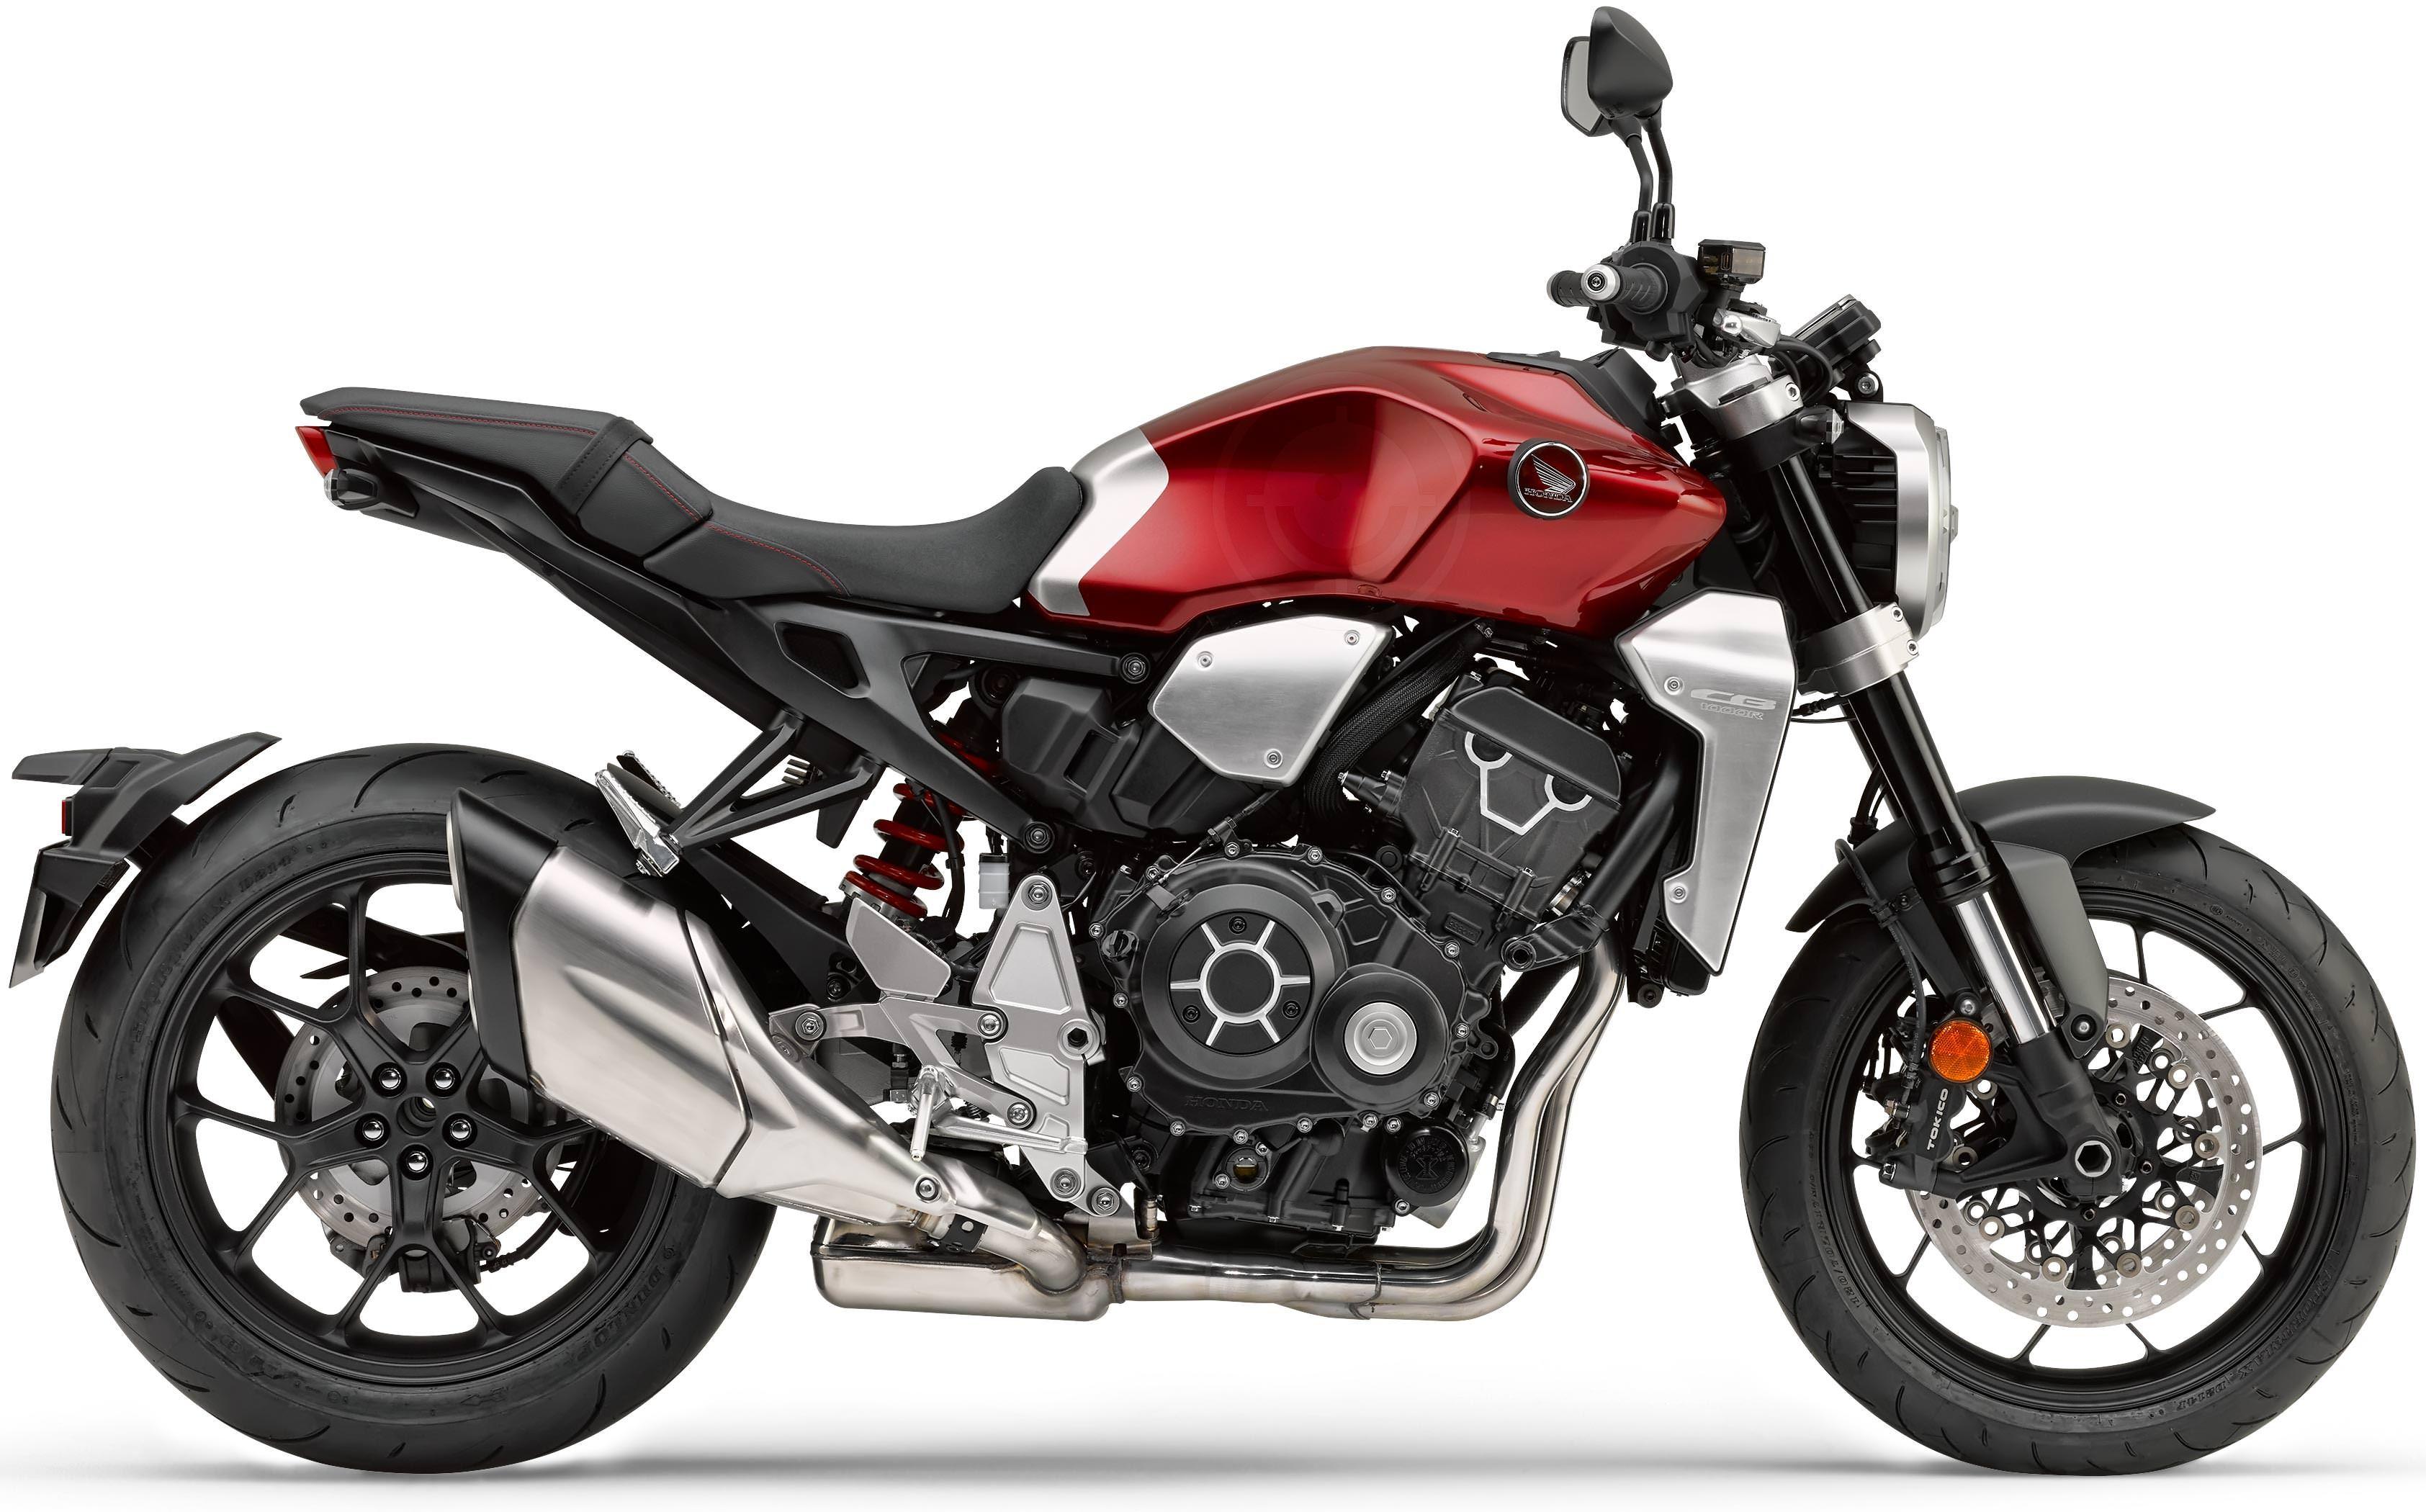 Honda Cb 1000 R 2018 Honda Cb1000r 2018 Moto Motorcycle Centre Honda Genève Honda Cb Motos Honda Honda